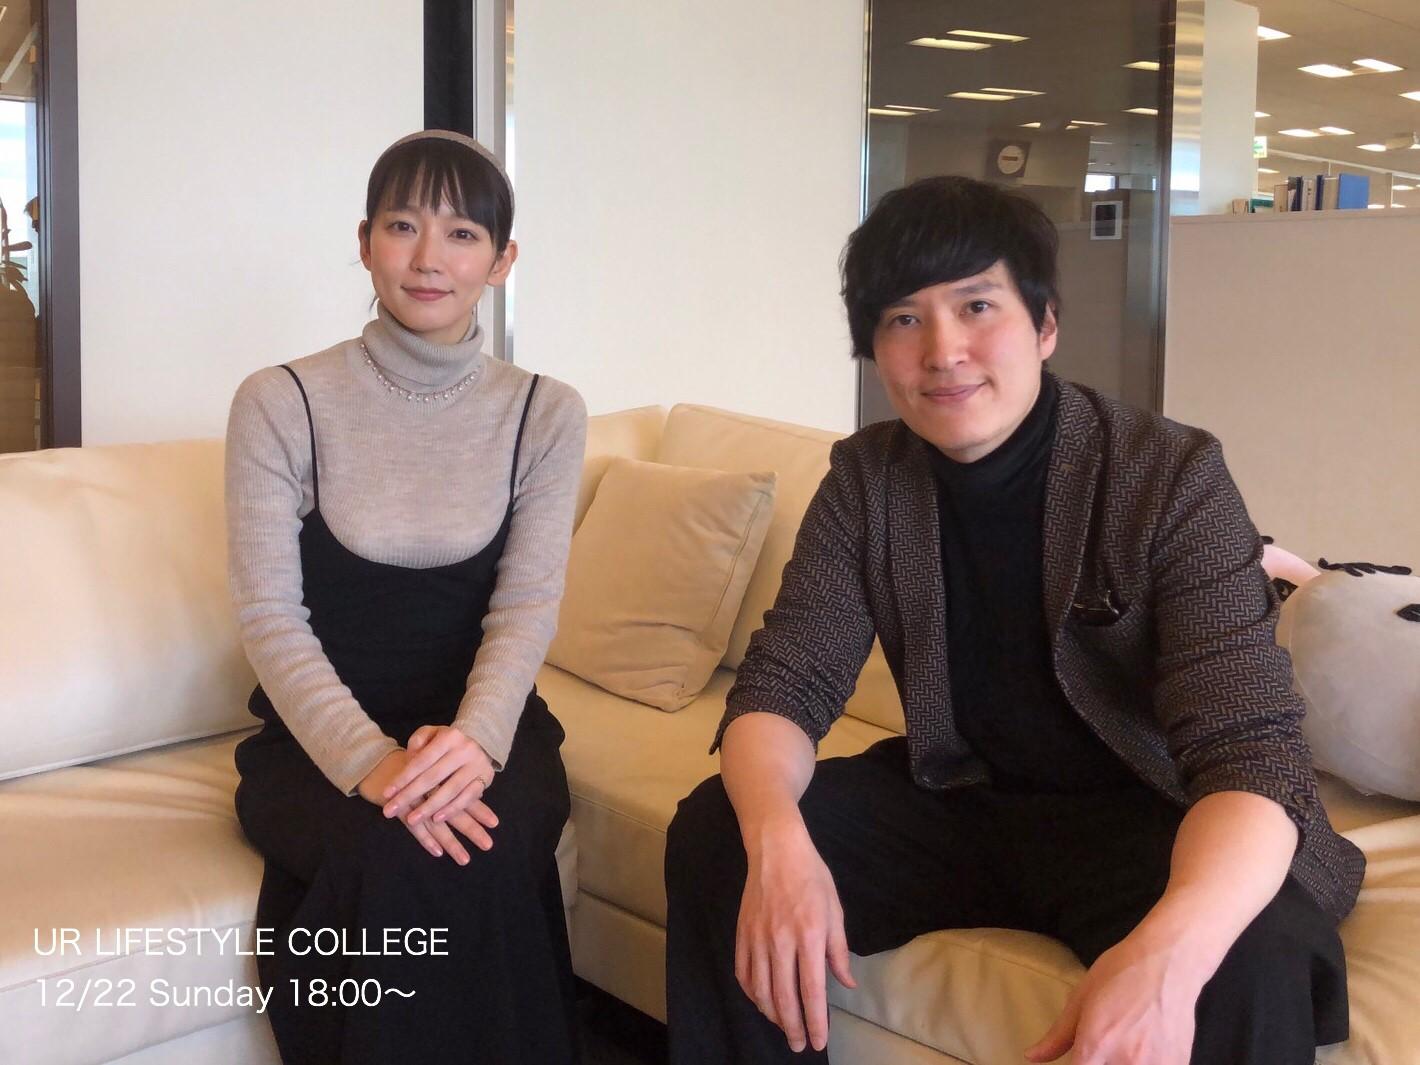 ピアニスト・清塚信也、吉岡里帆とJ-WAVE『UR LIFESTYLE COLLEGE』で対談!リスナーのために即興演奏も